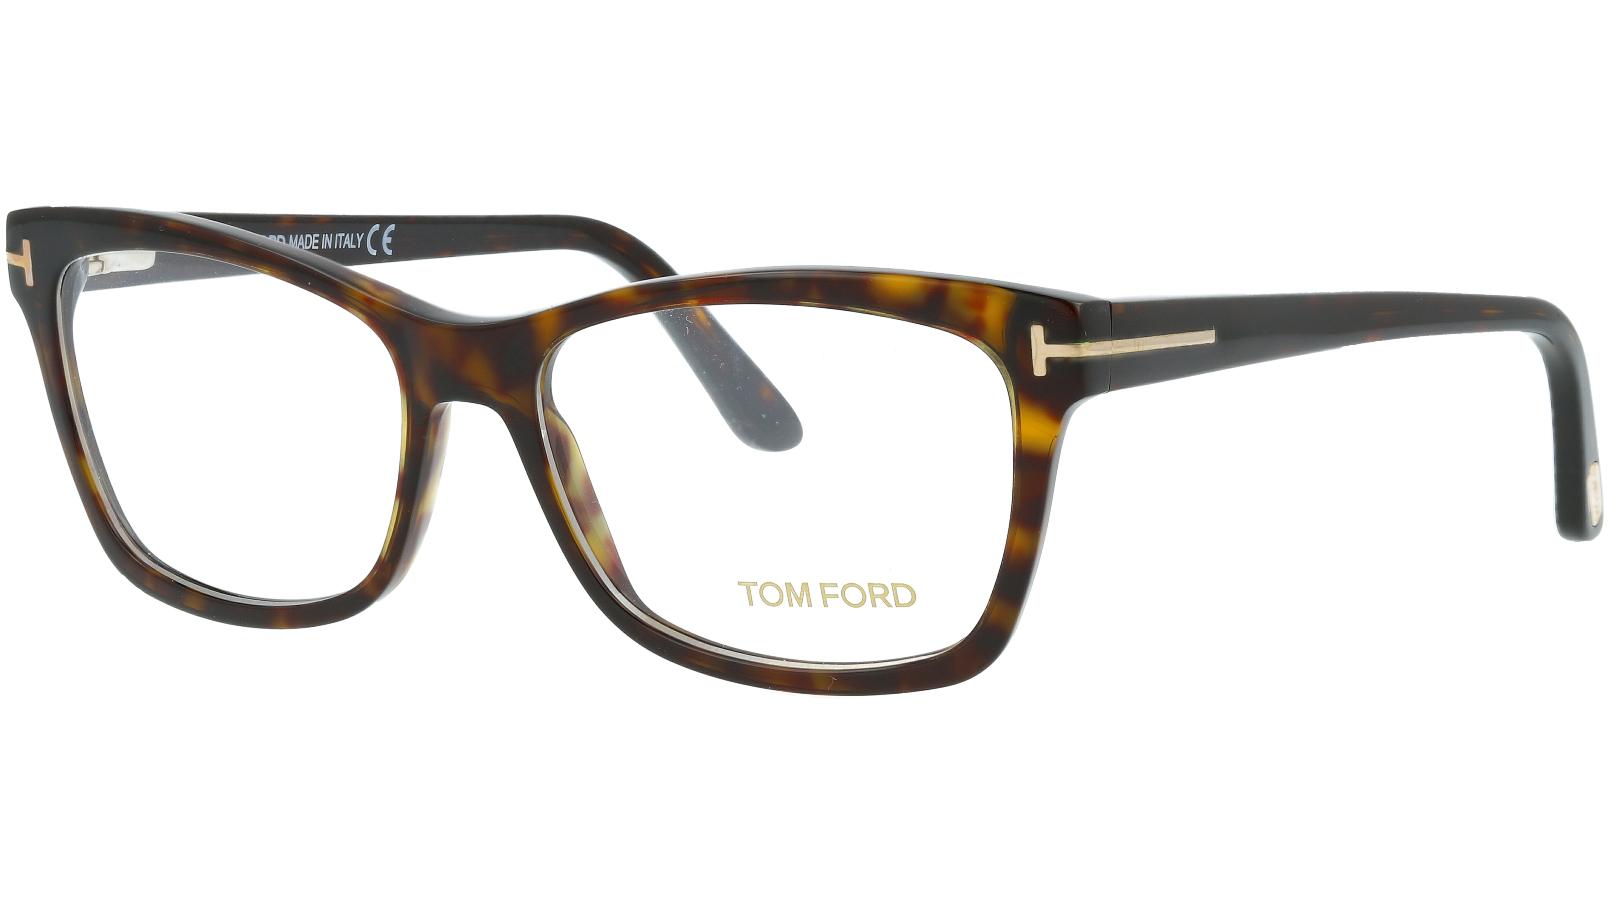 TOM FORD FT5424 052 53 HAVANA Glasses